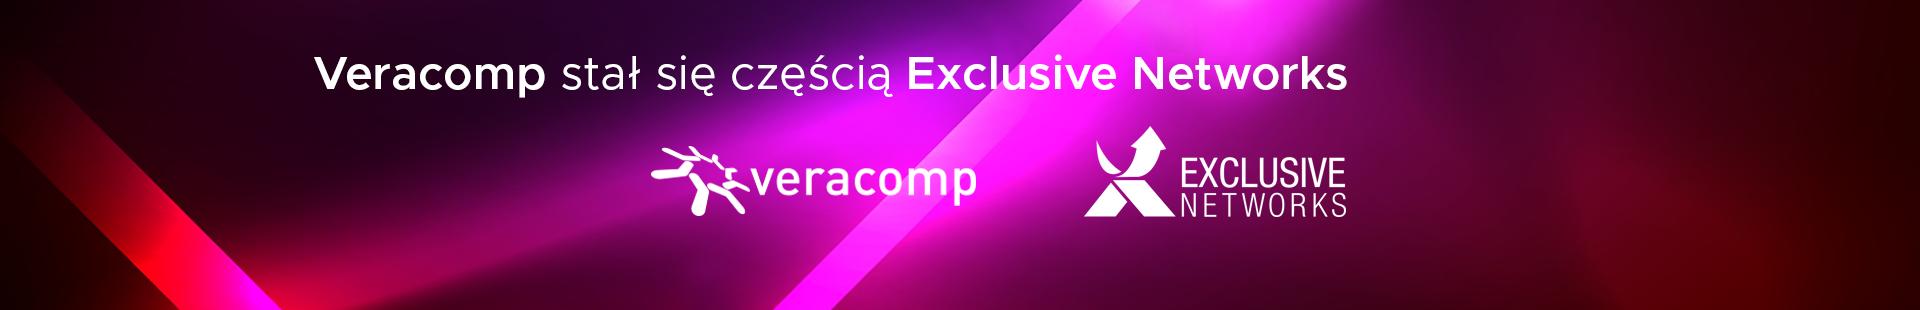 Połączenie Veracomp Exclusive Networks